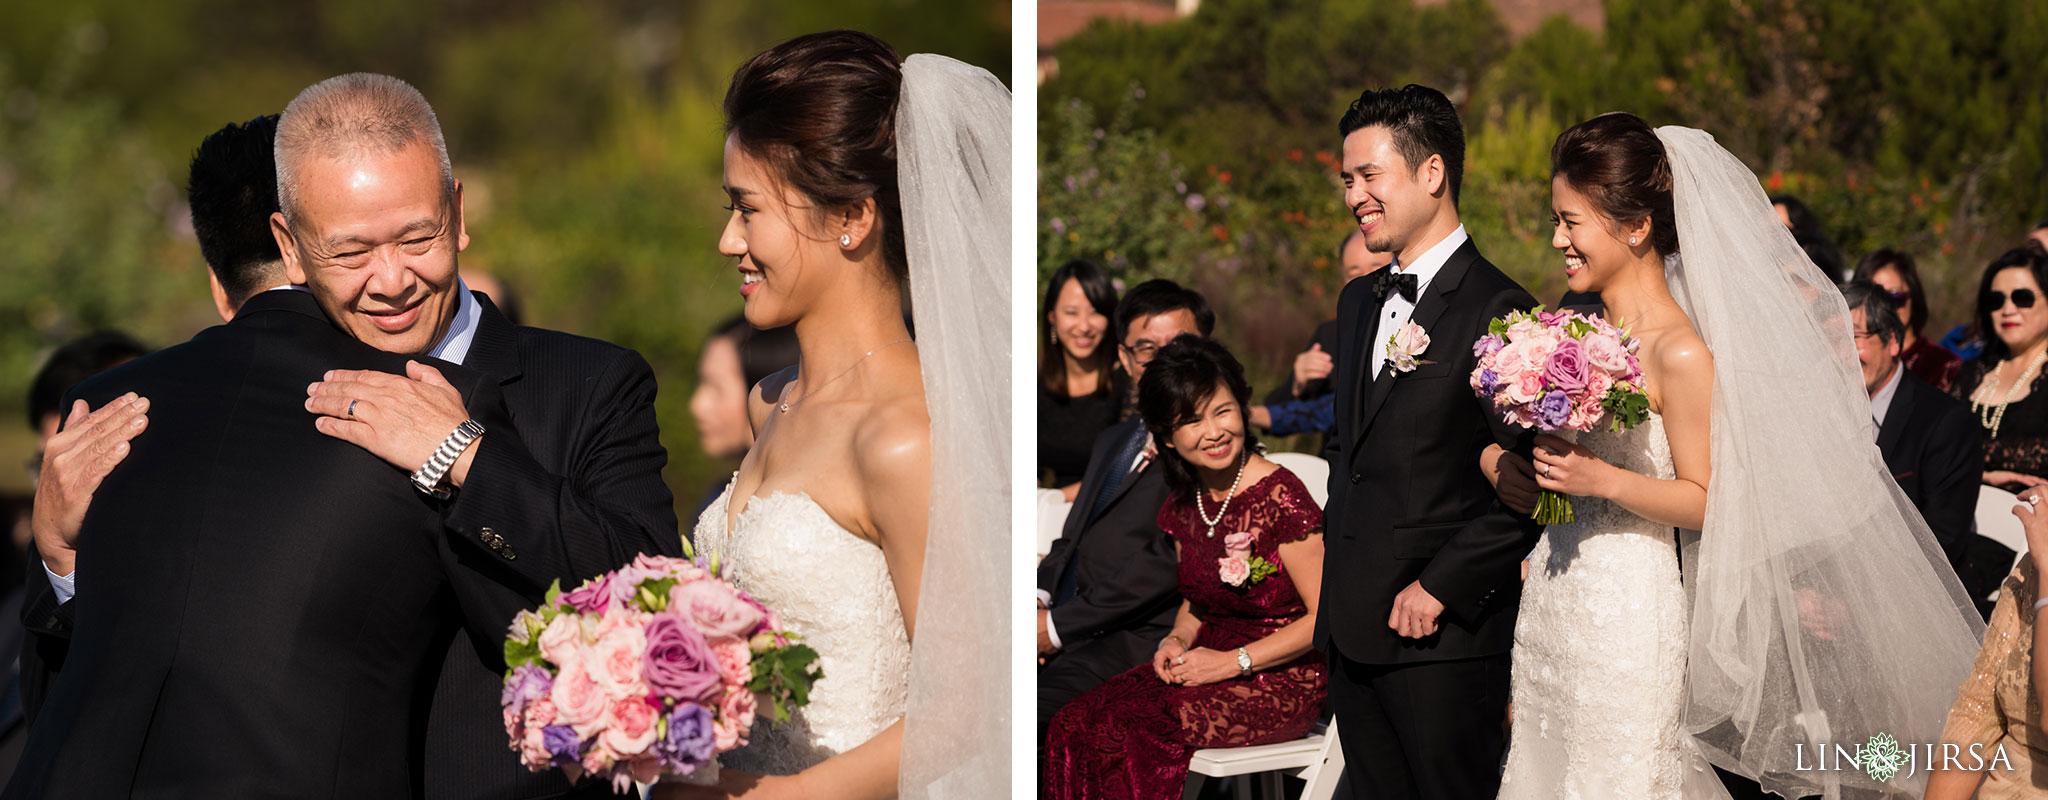 18 terranea resort wedding ceremony photography